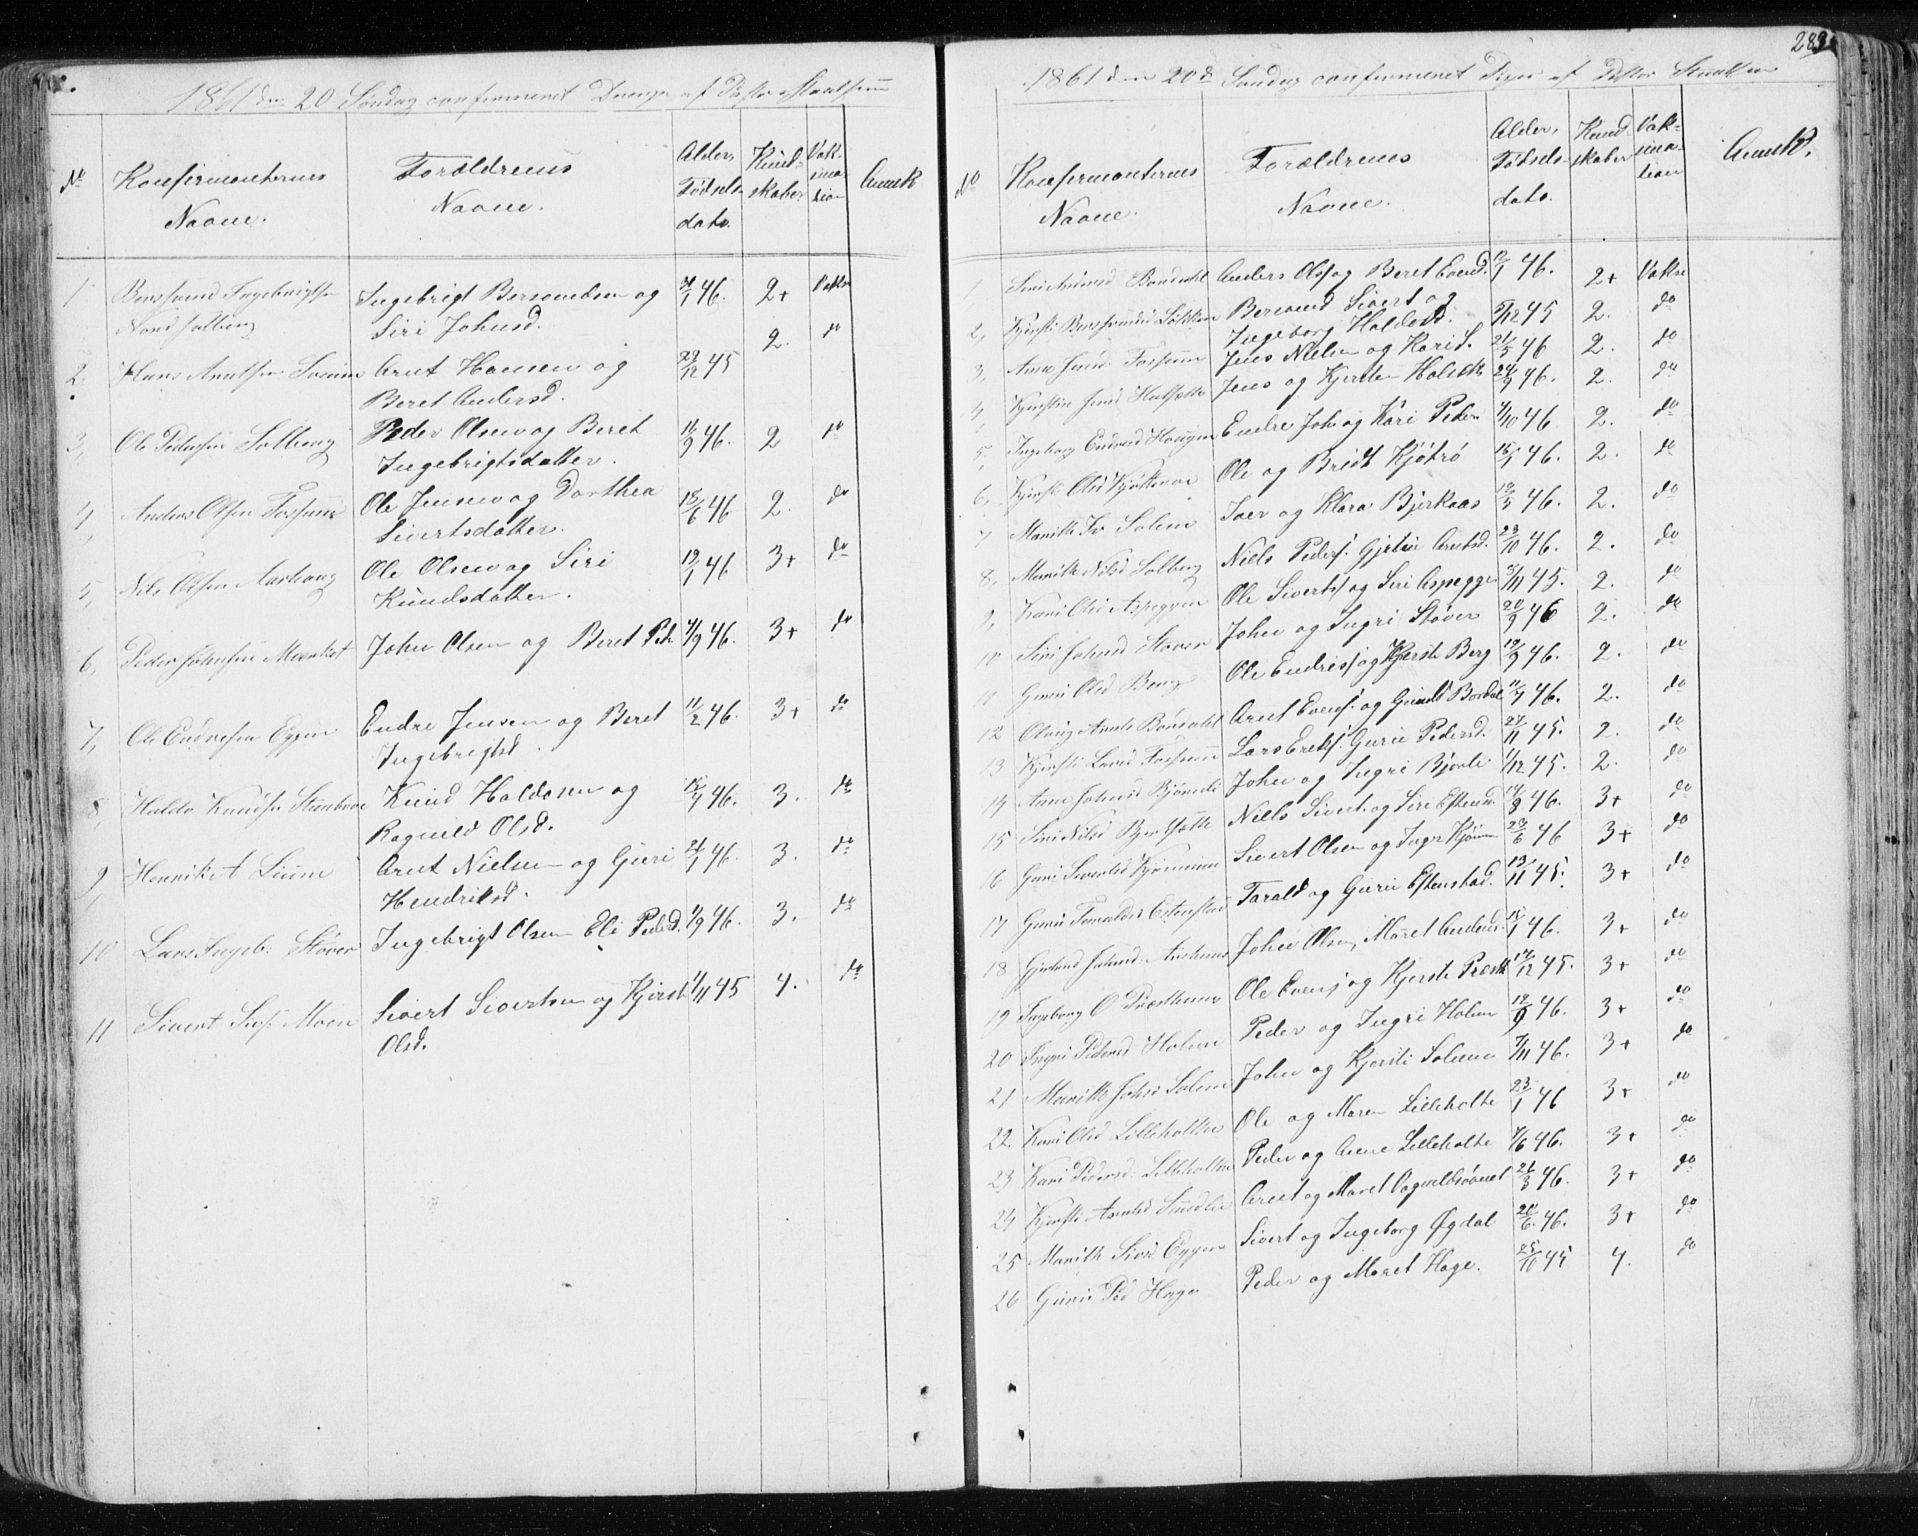 SAT, Ministerialprotokoller, klokkerbøker og fødselsregistre - Sør-Trøndelag, 689/L1043: Klokkerbok nr. 689C02, 1816-1892, s. 282